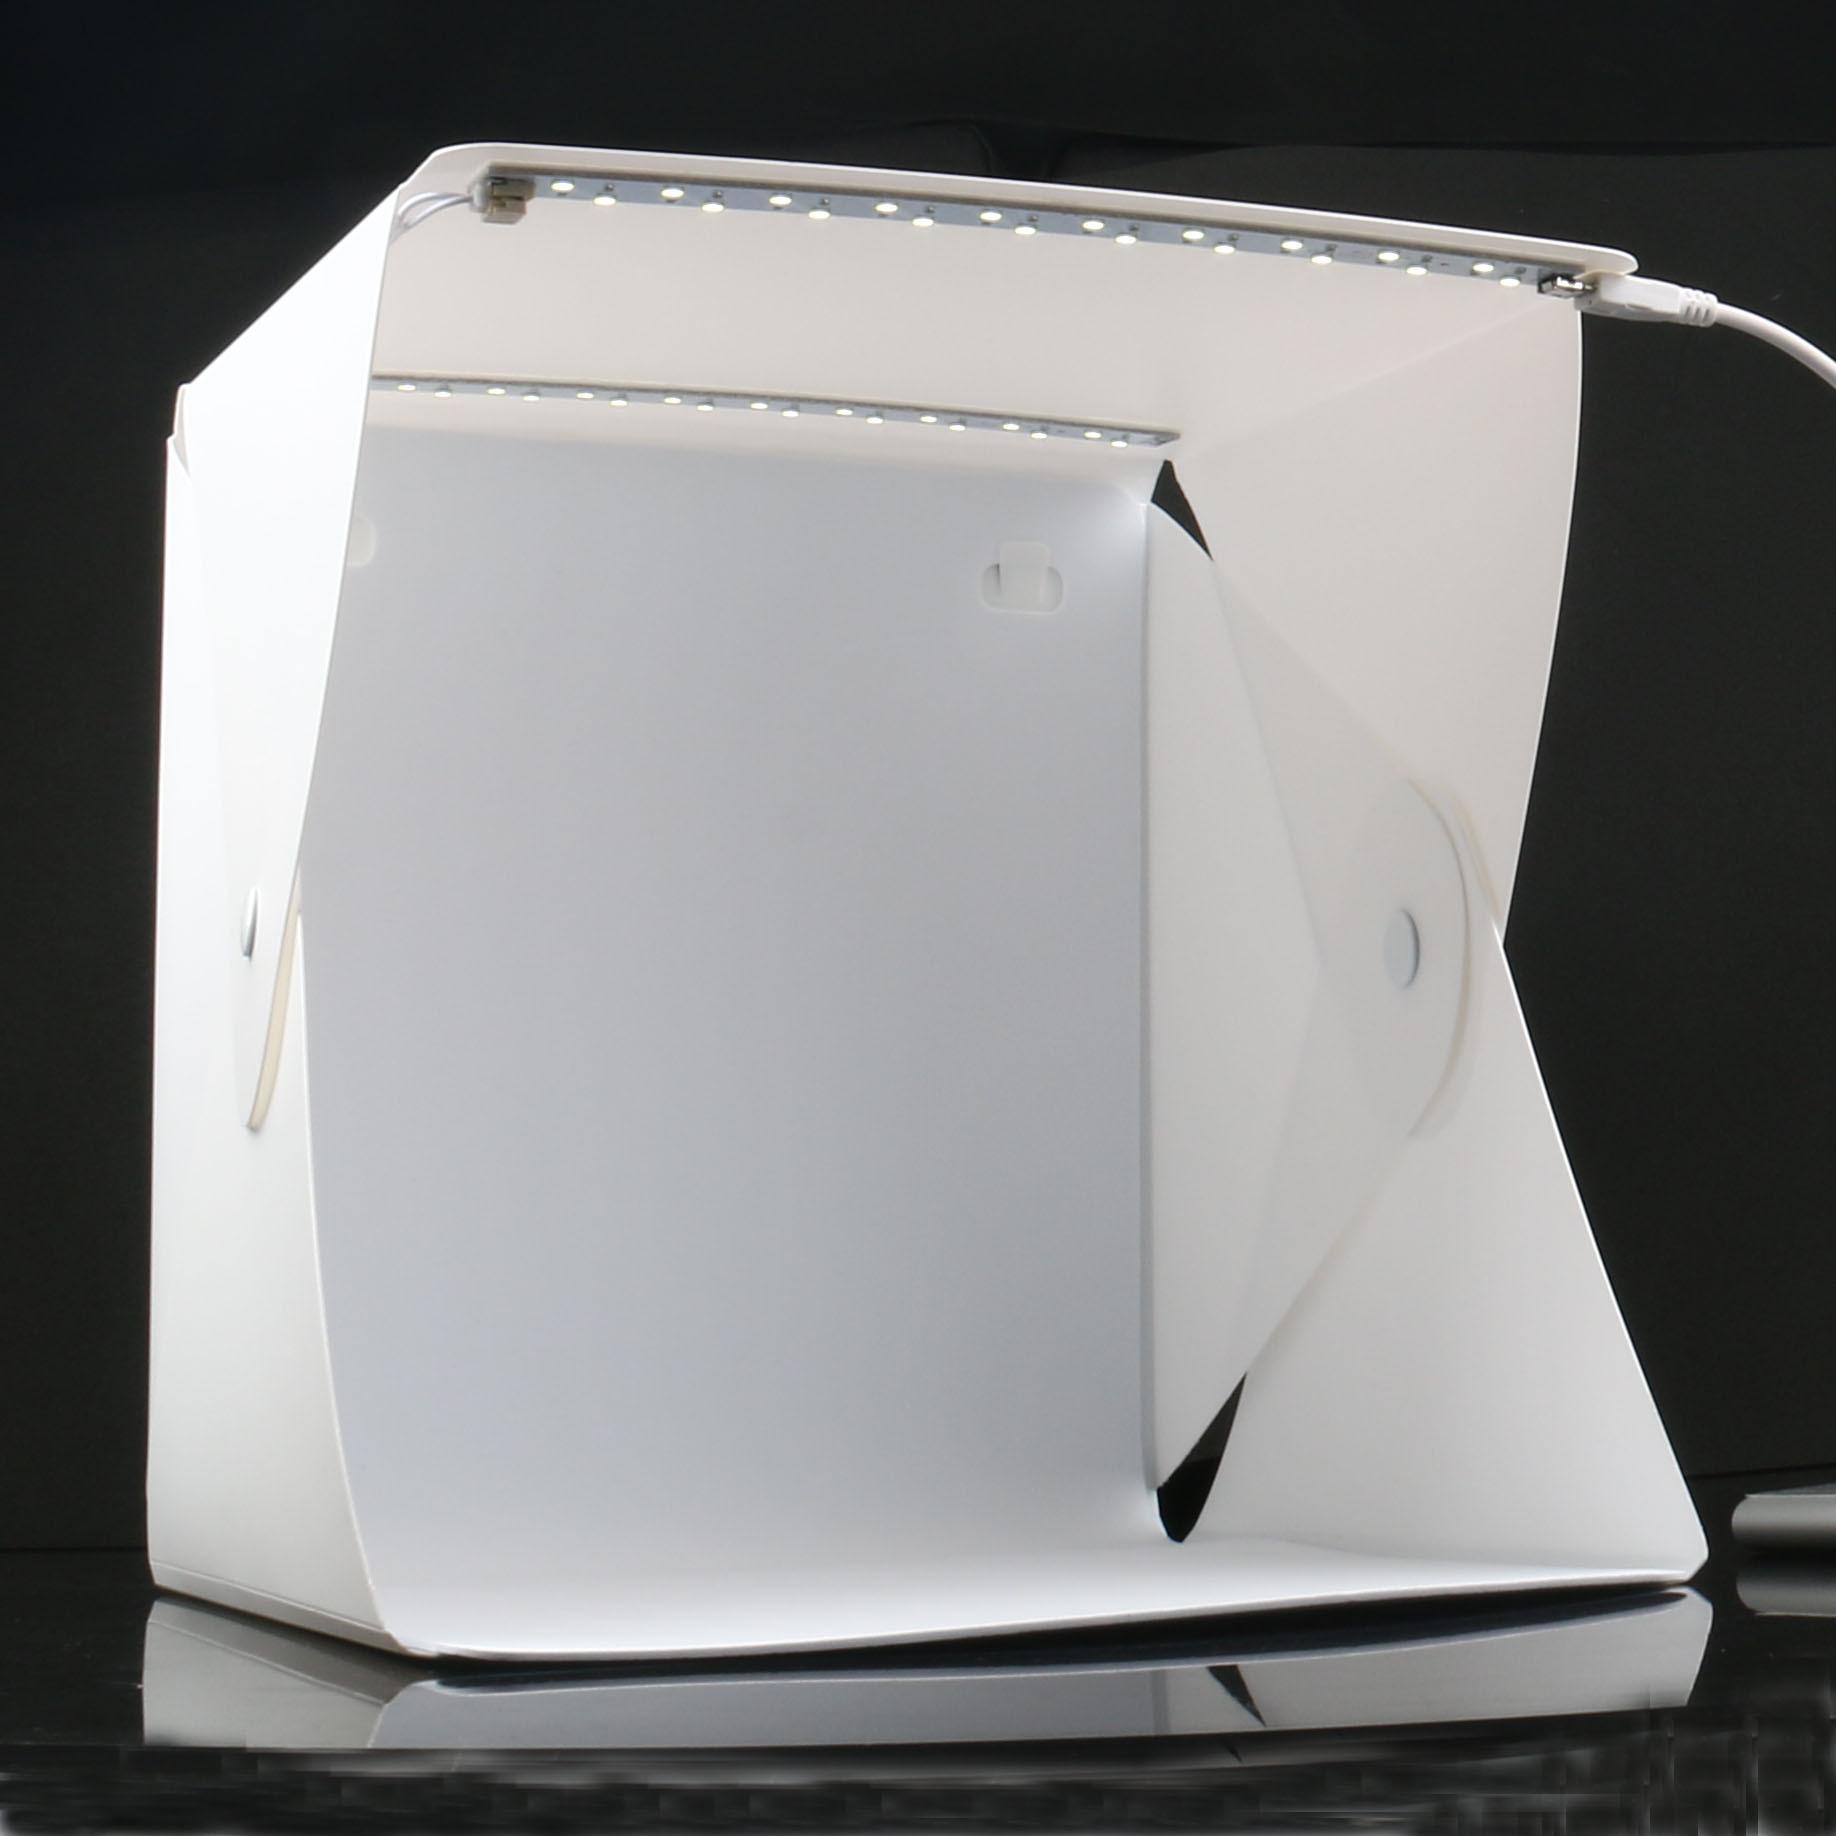 折疊攝影棚 雙四背景布-雙燈條款LED 靜物補光拍攝柔光箱  20CM攝影棚 +行動電源10000毫安